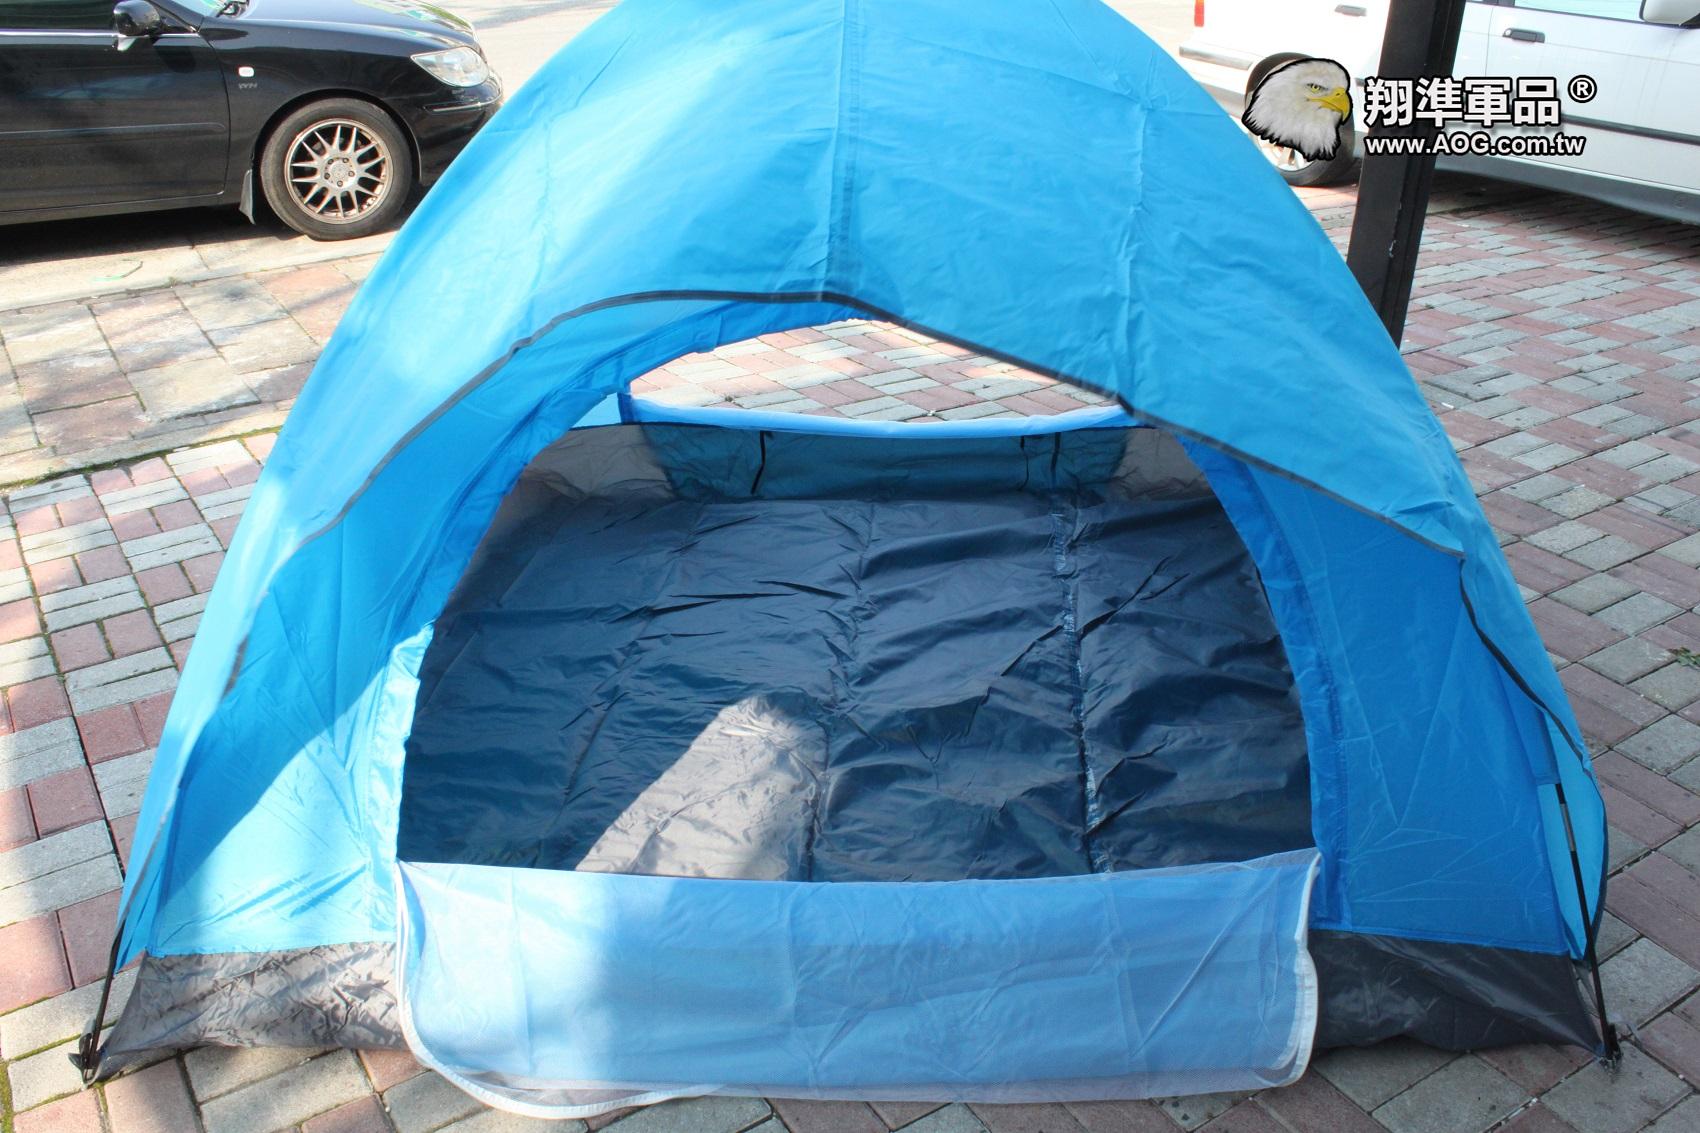 【翔準軍品AOG】三人至四人雙層雙門帳篷 湖畔營 加外帳 登山露營LGE001-10